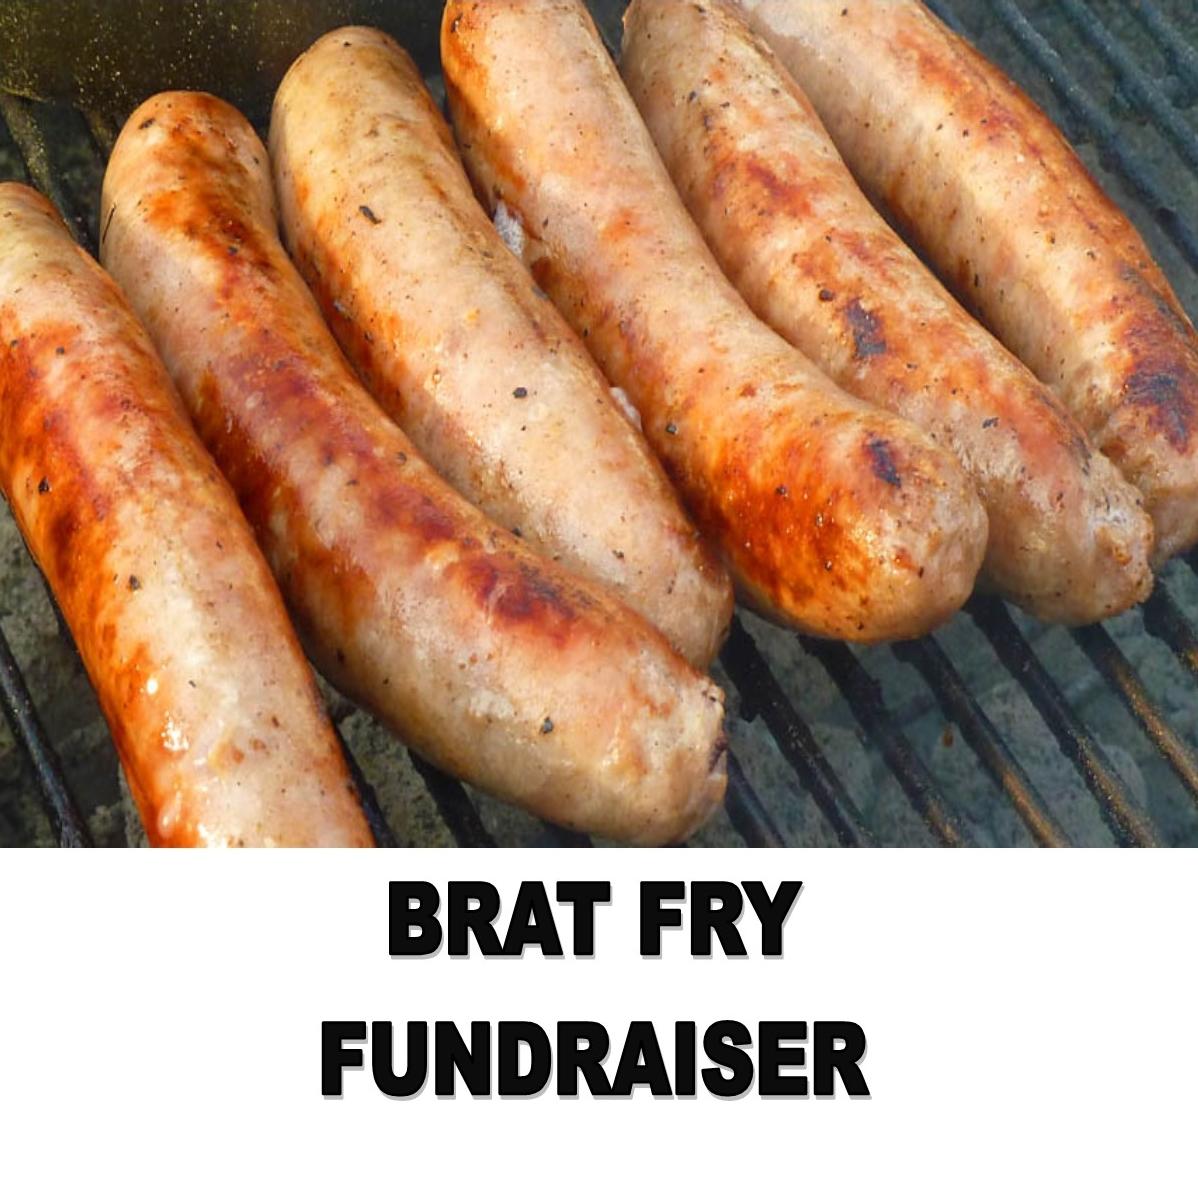 Brat Fry Fundraiser